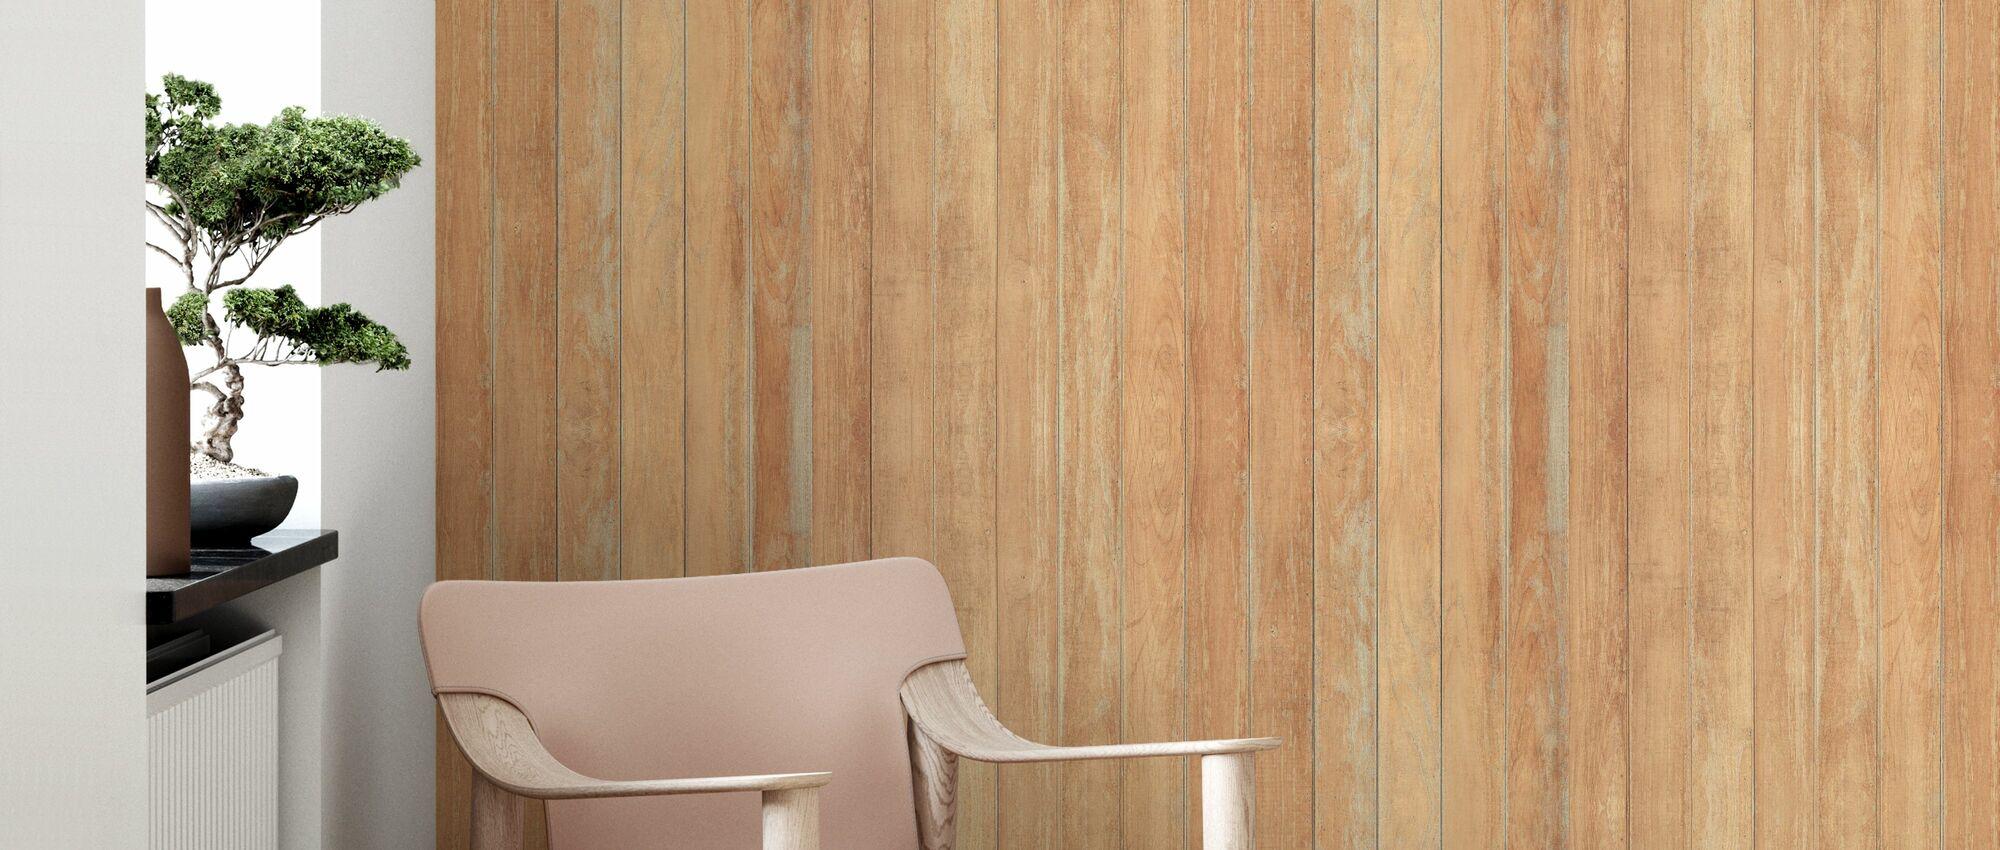 Worn Wooden Panel - Wallpaper - Living Room